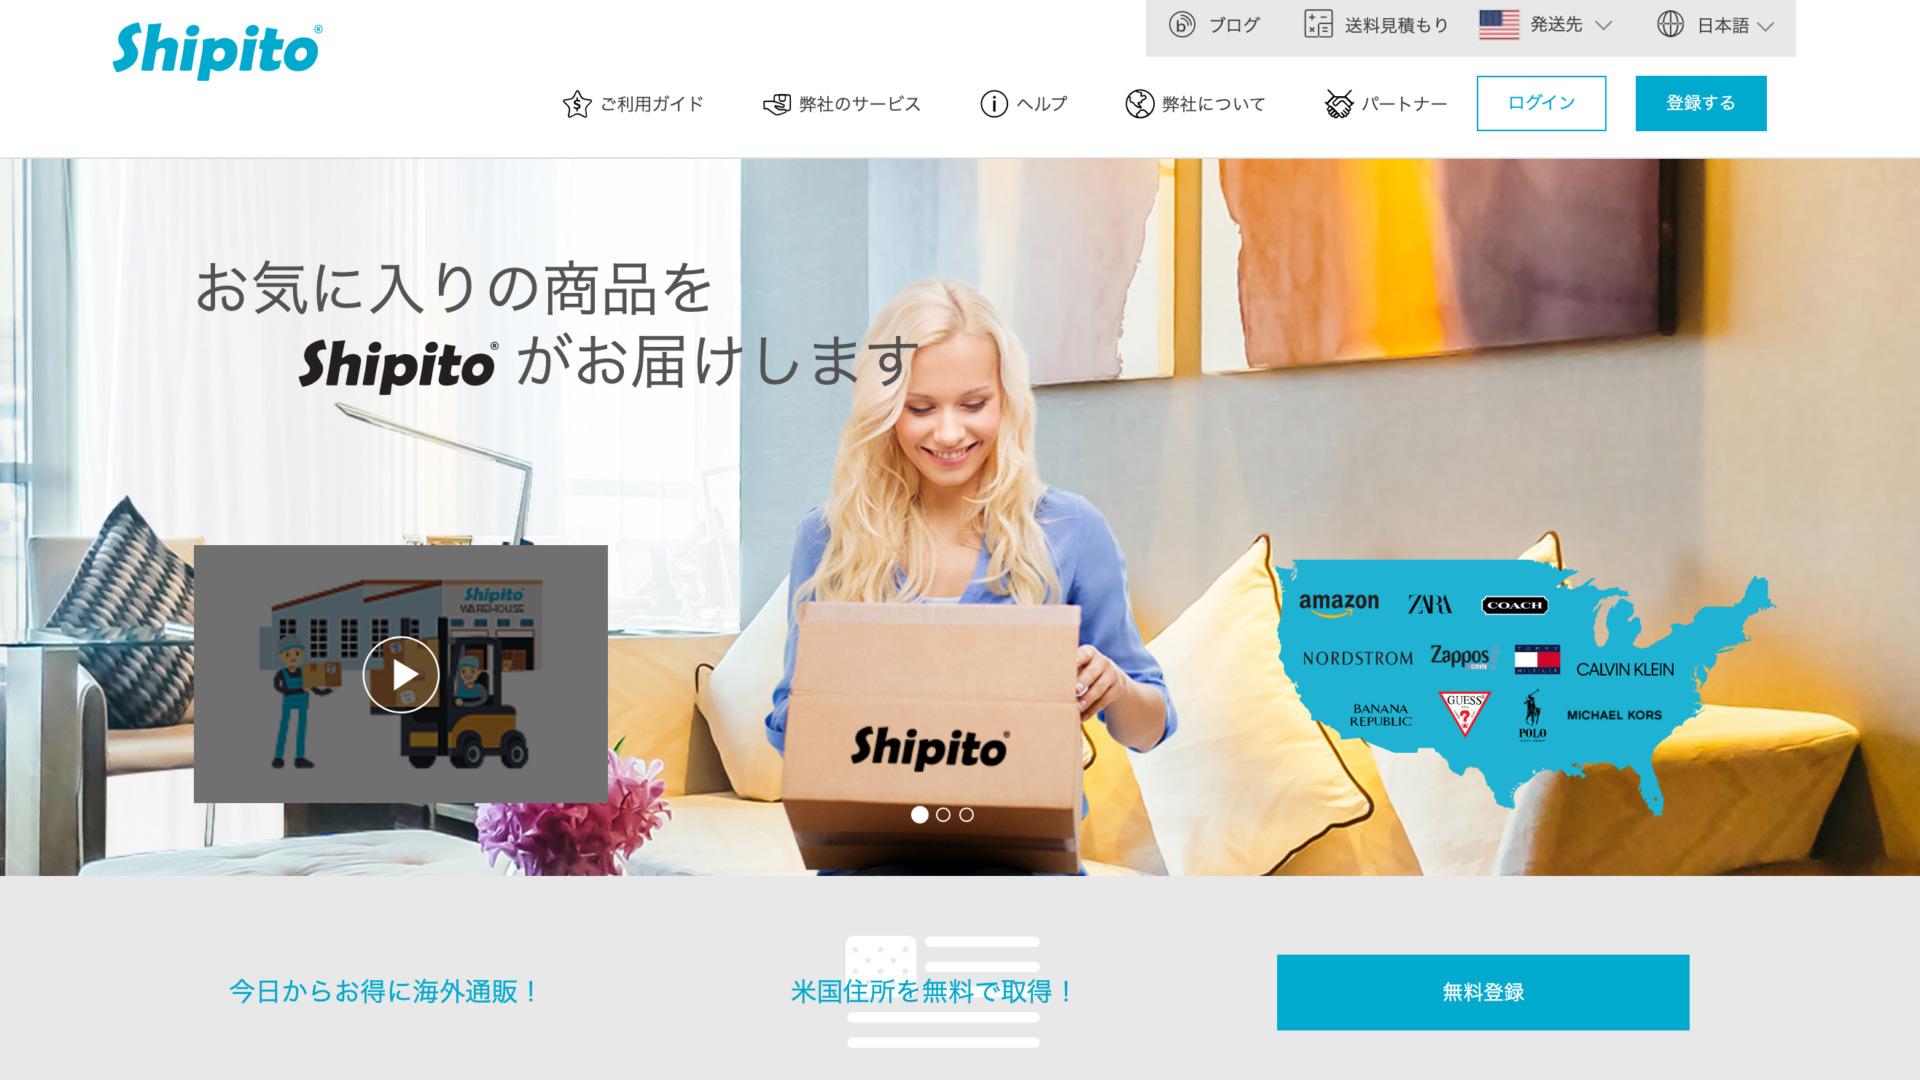 アメリカから日本への海外転送サービスの比較 Shipito